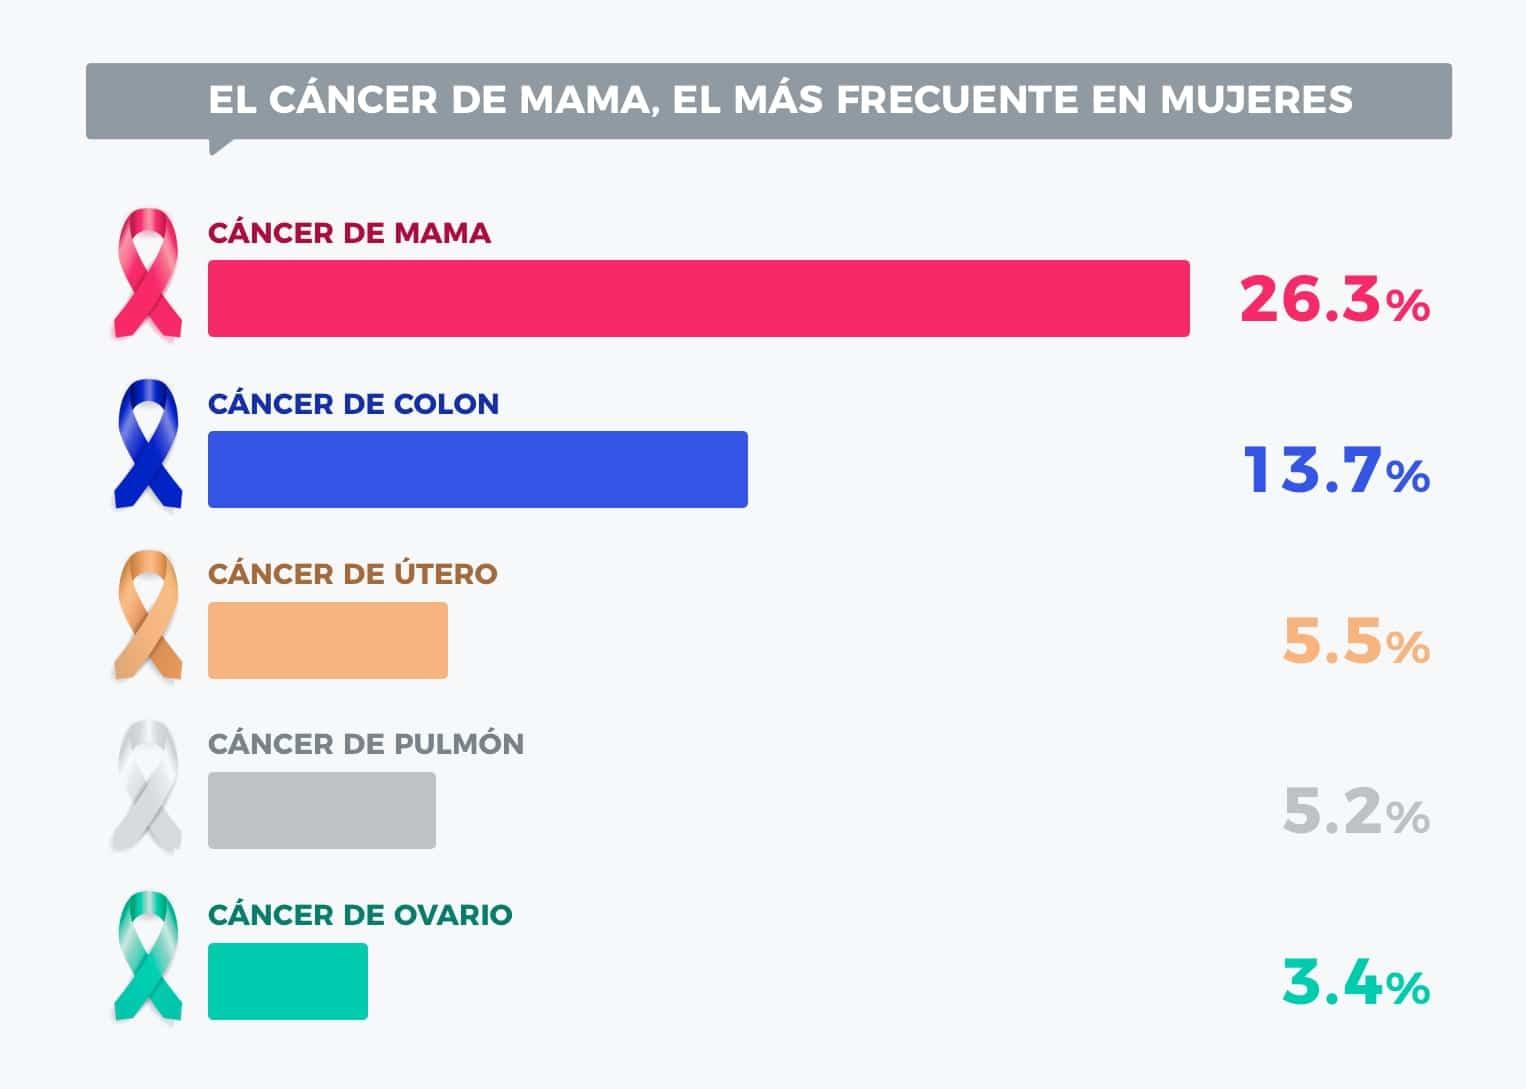 tipos de cancer frecuente